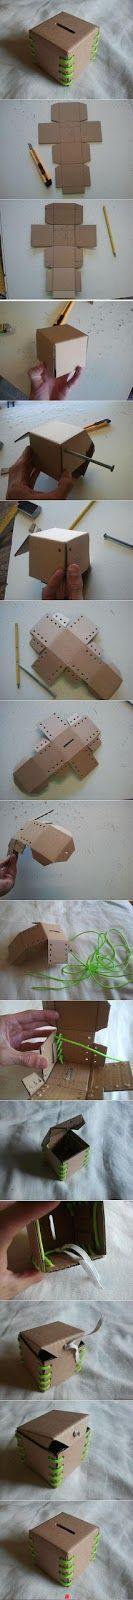 Que estoy haciendo: Cartón Making Money Box